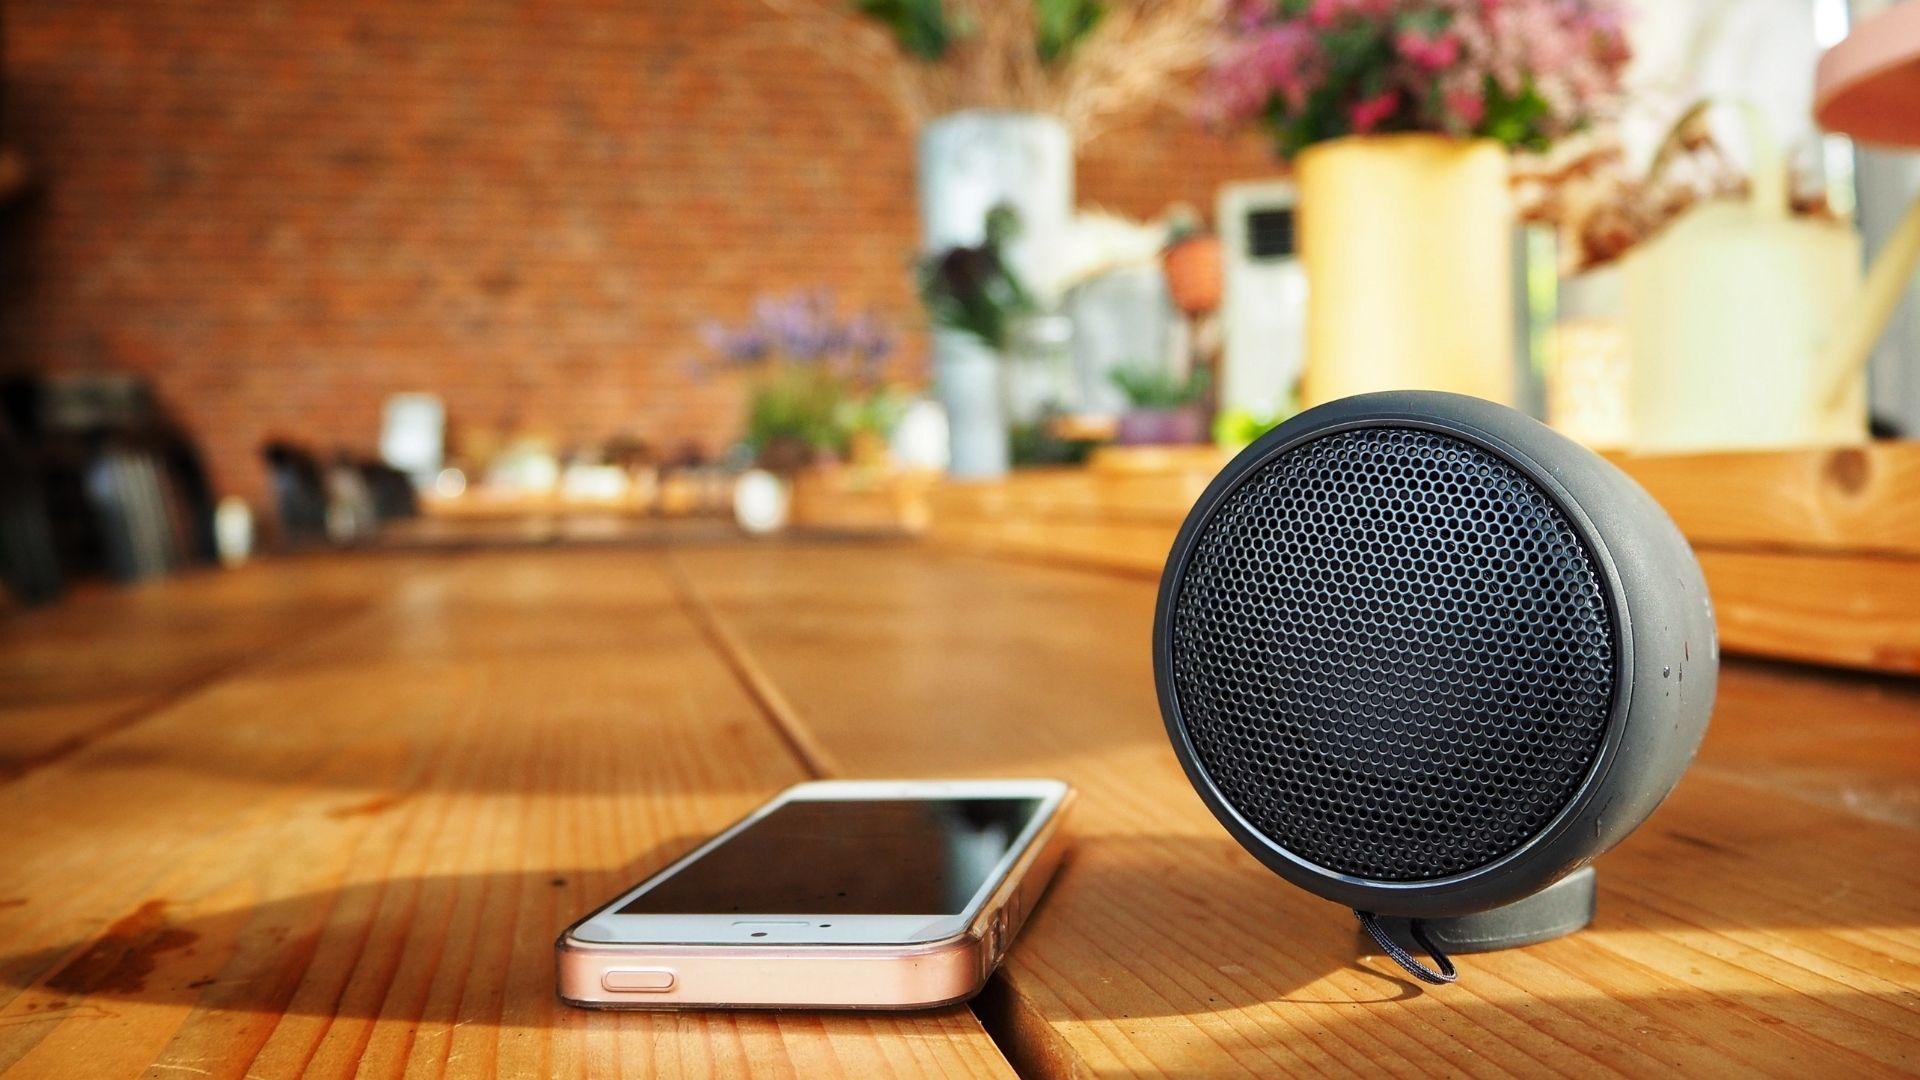 Bluetooth nos acompanha diariamente, das tarefas mais simples às essenciais, e está presentes em celulares, caixas de som e outros (Foto: Shutterstock)